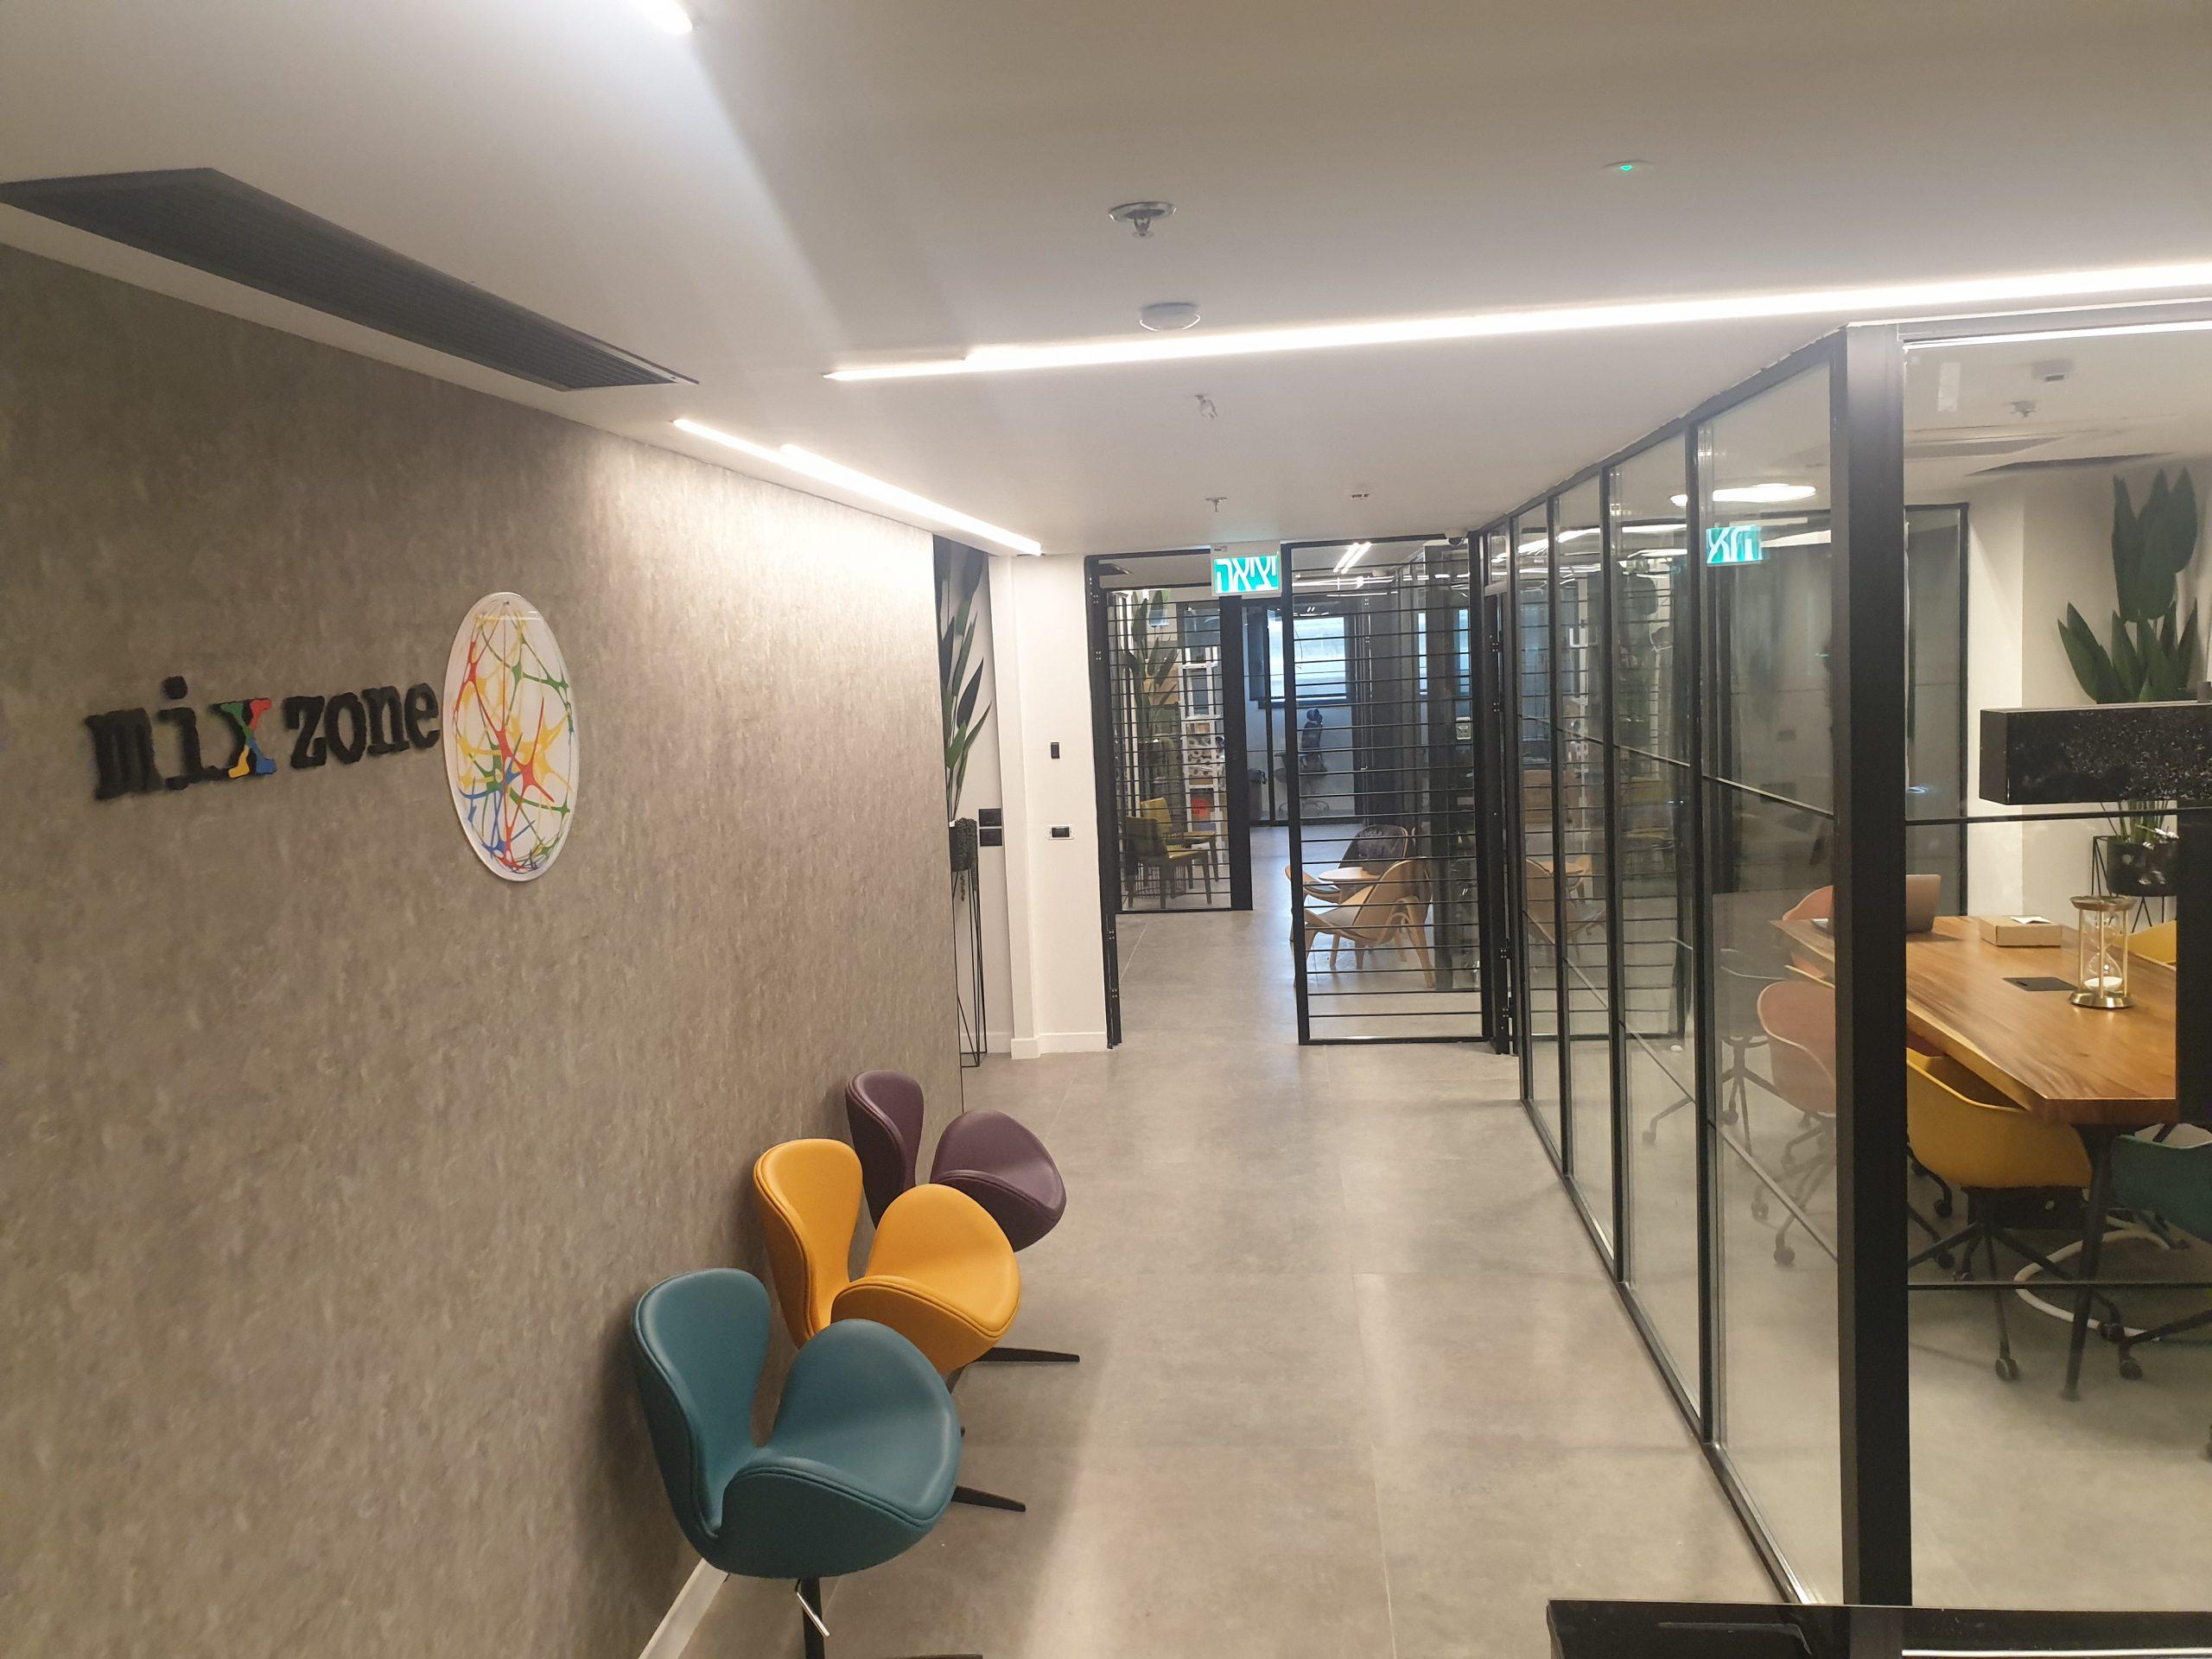 משרדים משותפים להשכרה MIXZONE